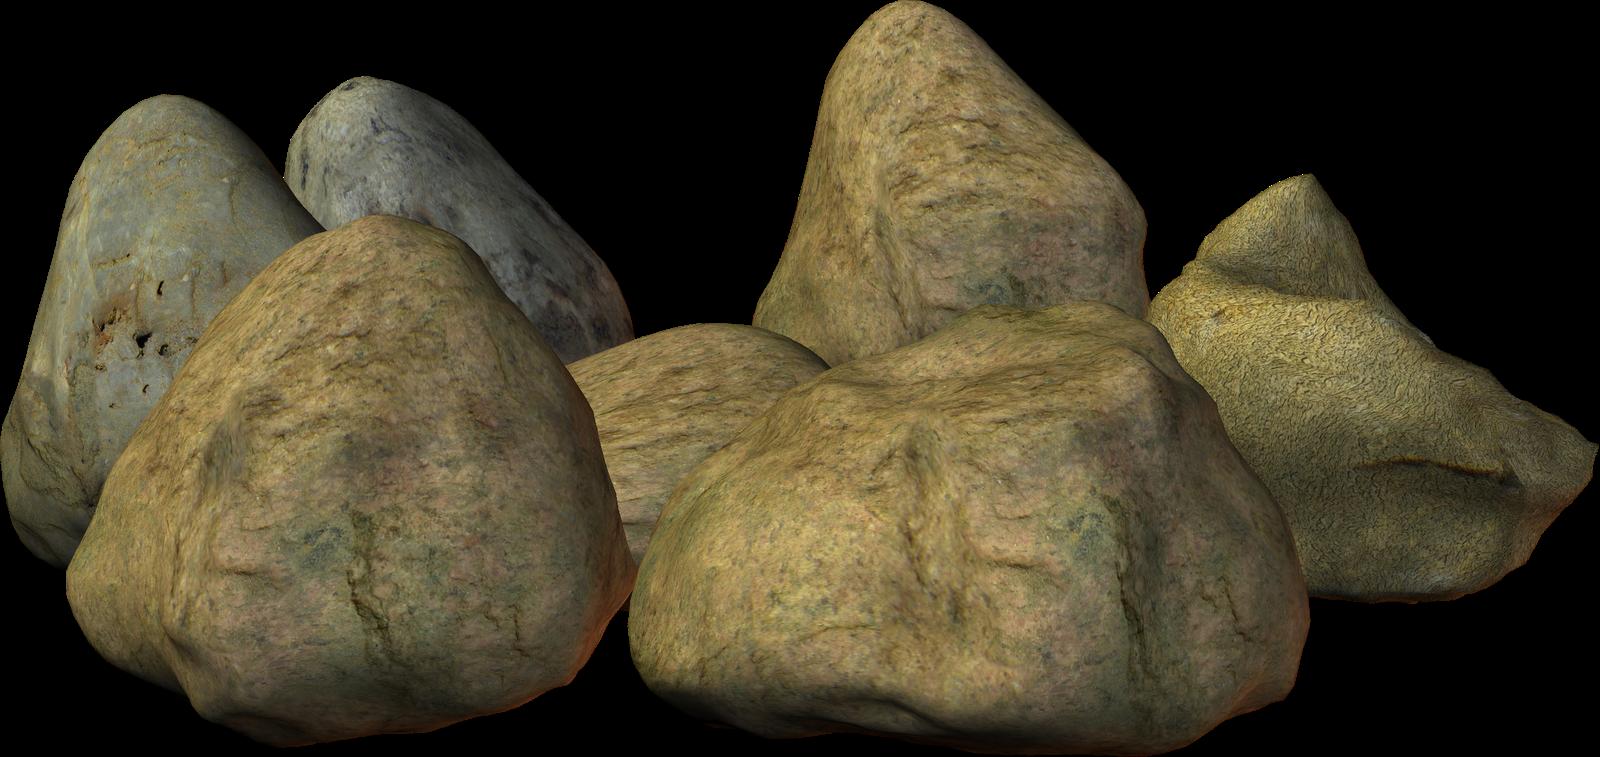 Hard Rock clipart boulder Boulders Rocks  png ClipartFest